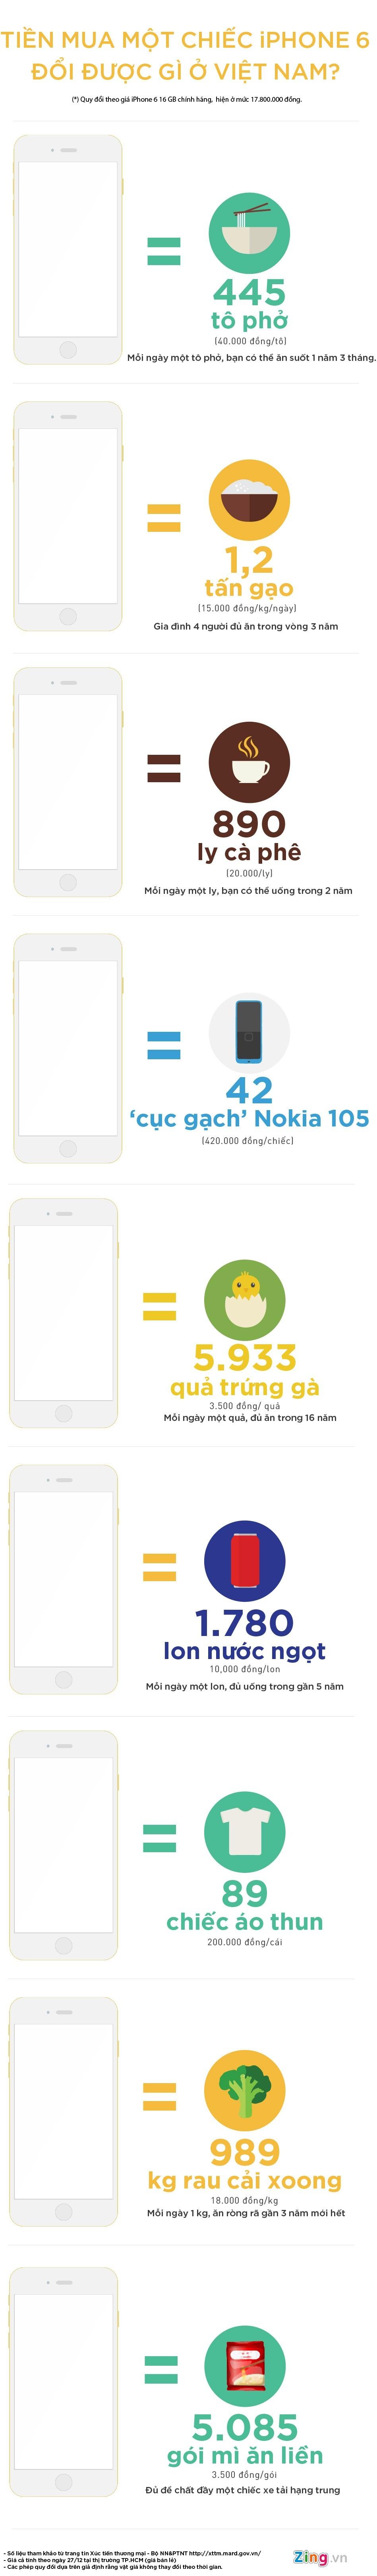 Infographic - Một Chiếc iPhone 6 Có Giá Trị Quy Đổi Như Thế Nào?